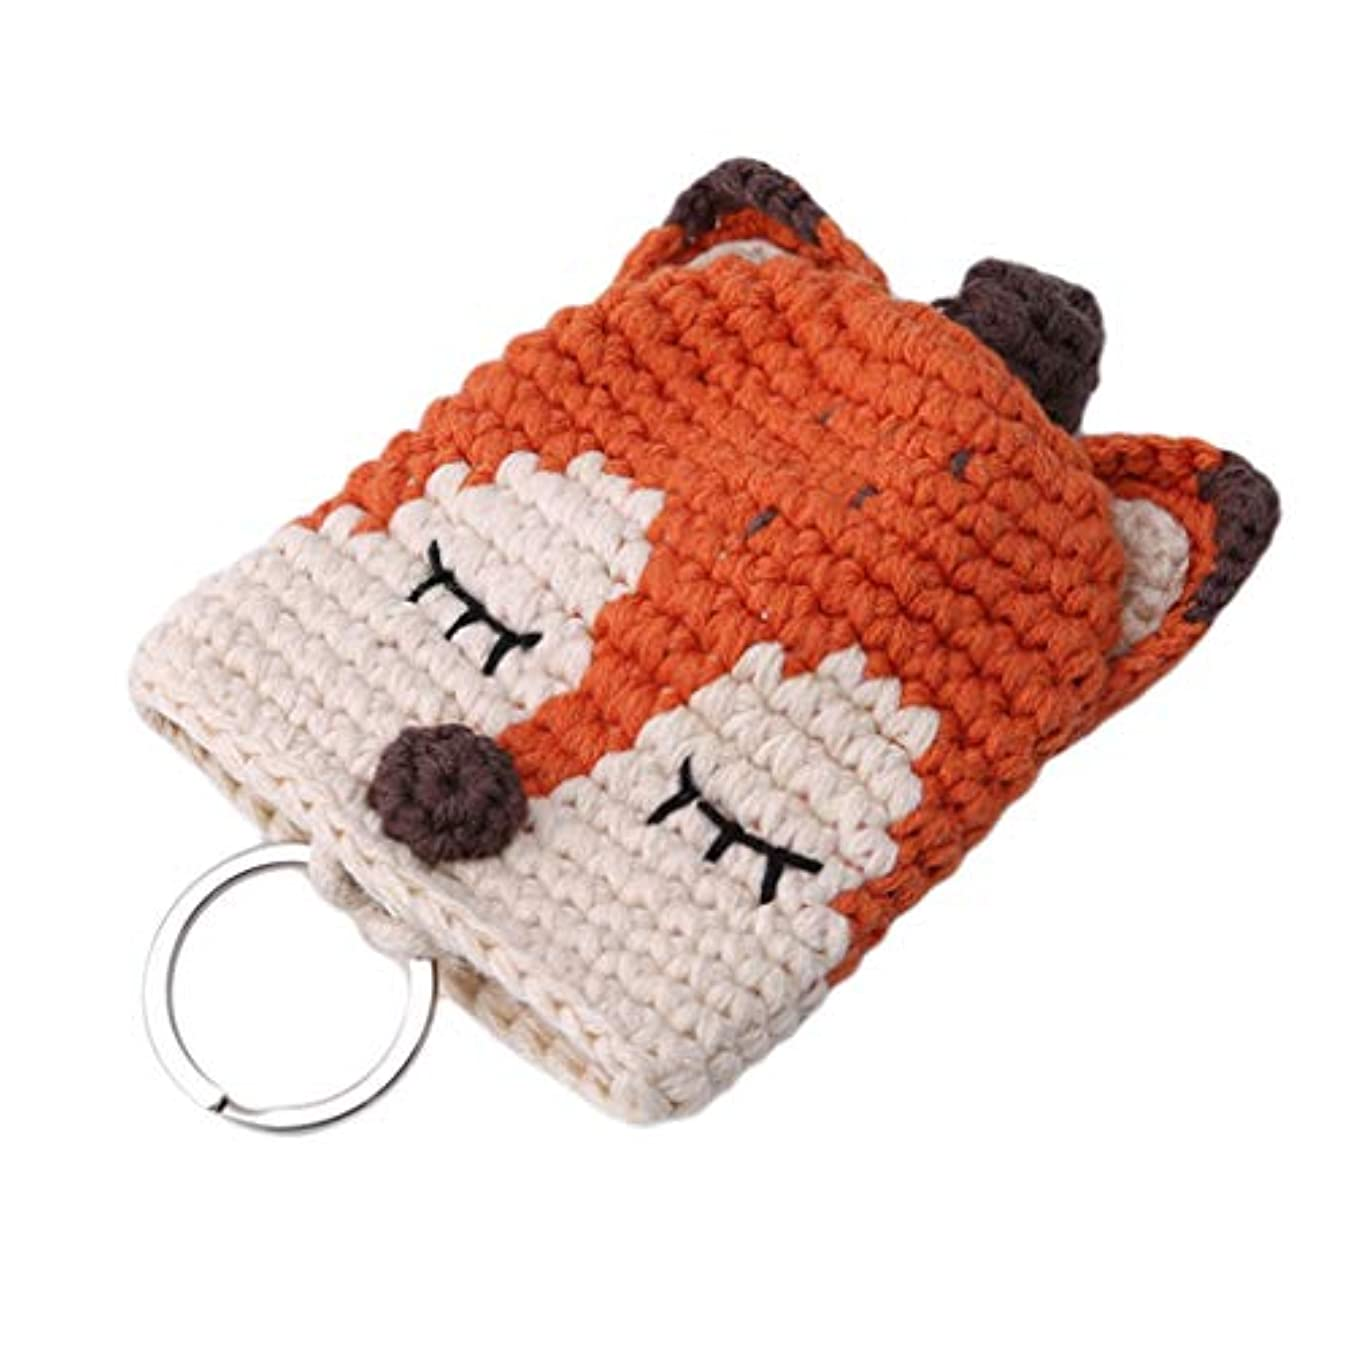 収益ベル仮定、想定。推測Timesuper 手編み キーケース コインバッグ 引きのタイプ 取り外し可能なキーケース 学生はお互いに贈り物をする 卒業プレゼント 贈り物 (キツネ)